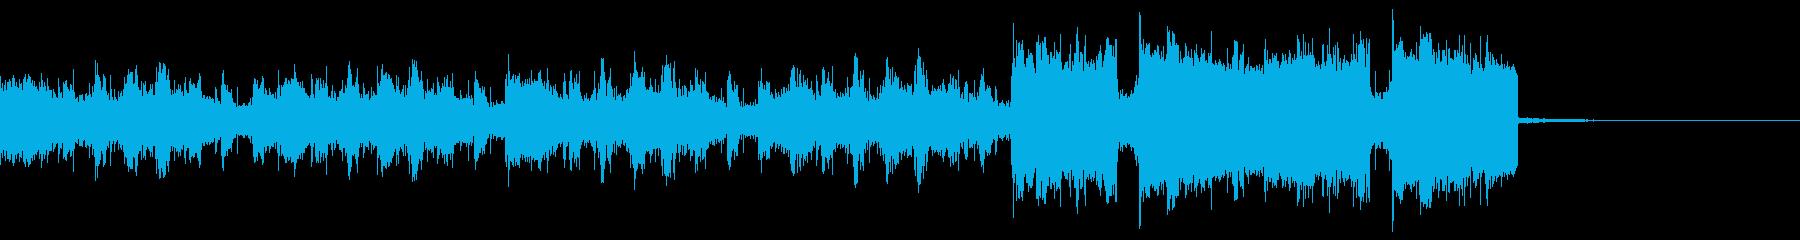 クールでエキサイトなEDM ボイス入りの再生済みの波形